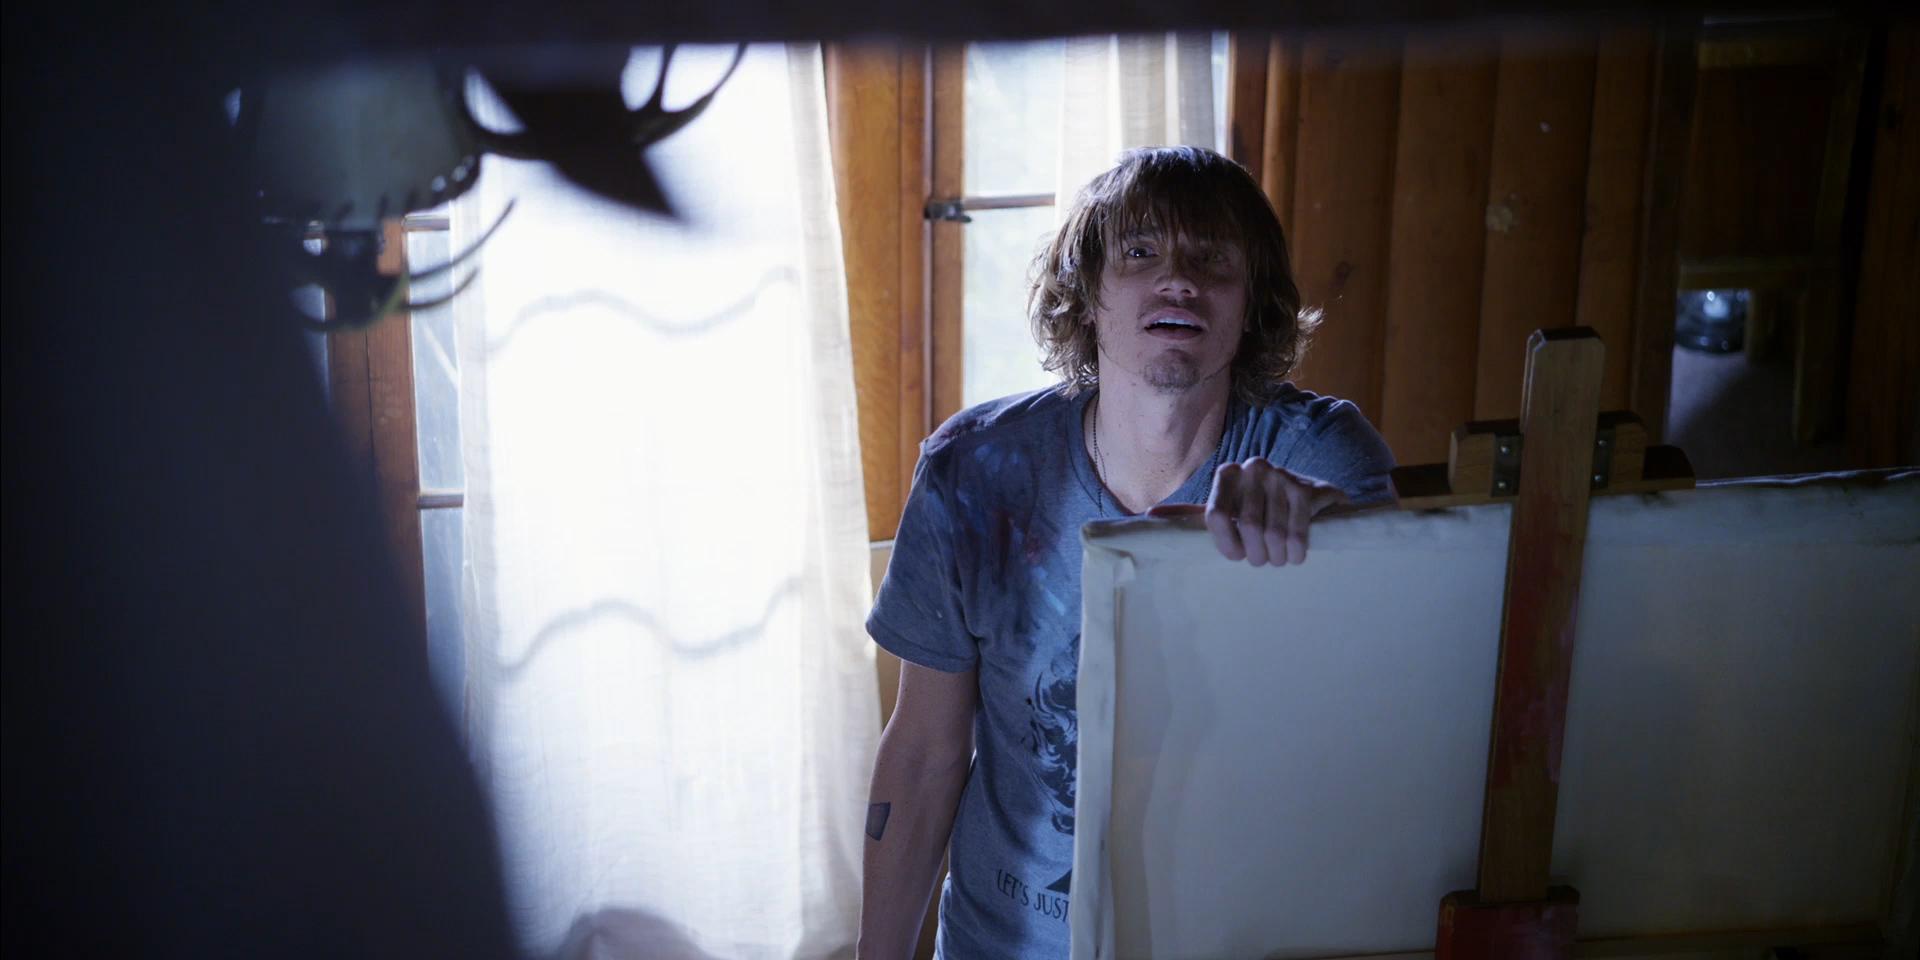 Tabloid Vivant Dir. Kyle Broom, DP Laura Beth Love, Starring Tamzin Brown, Jesse Woodrow